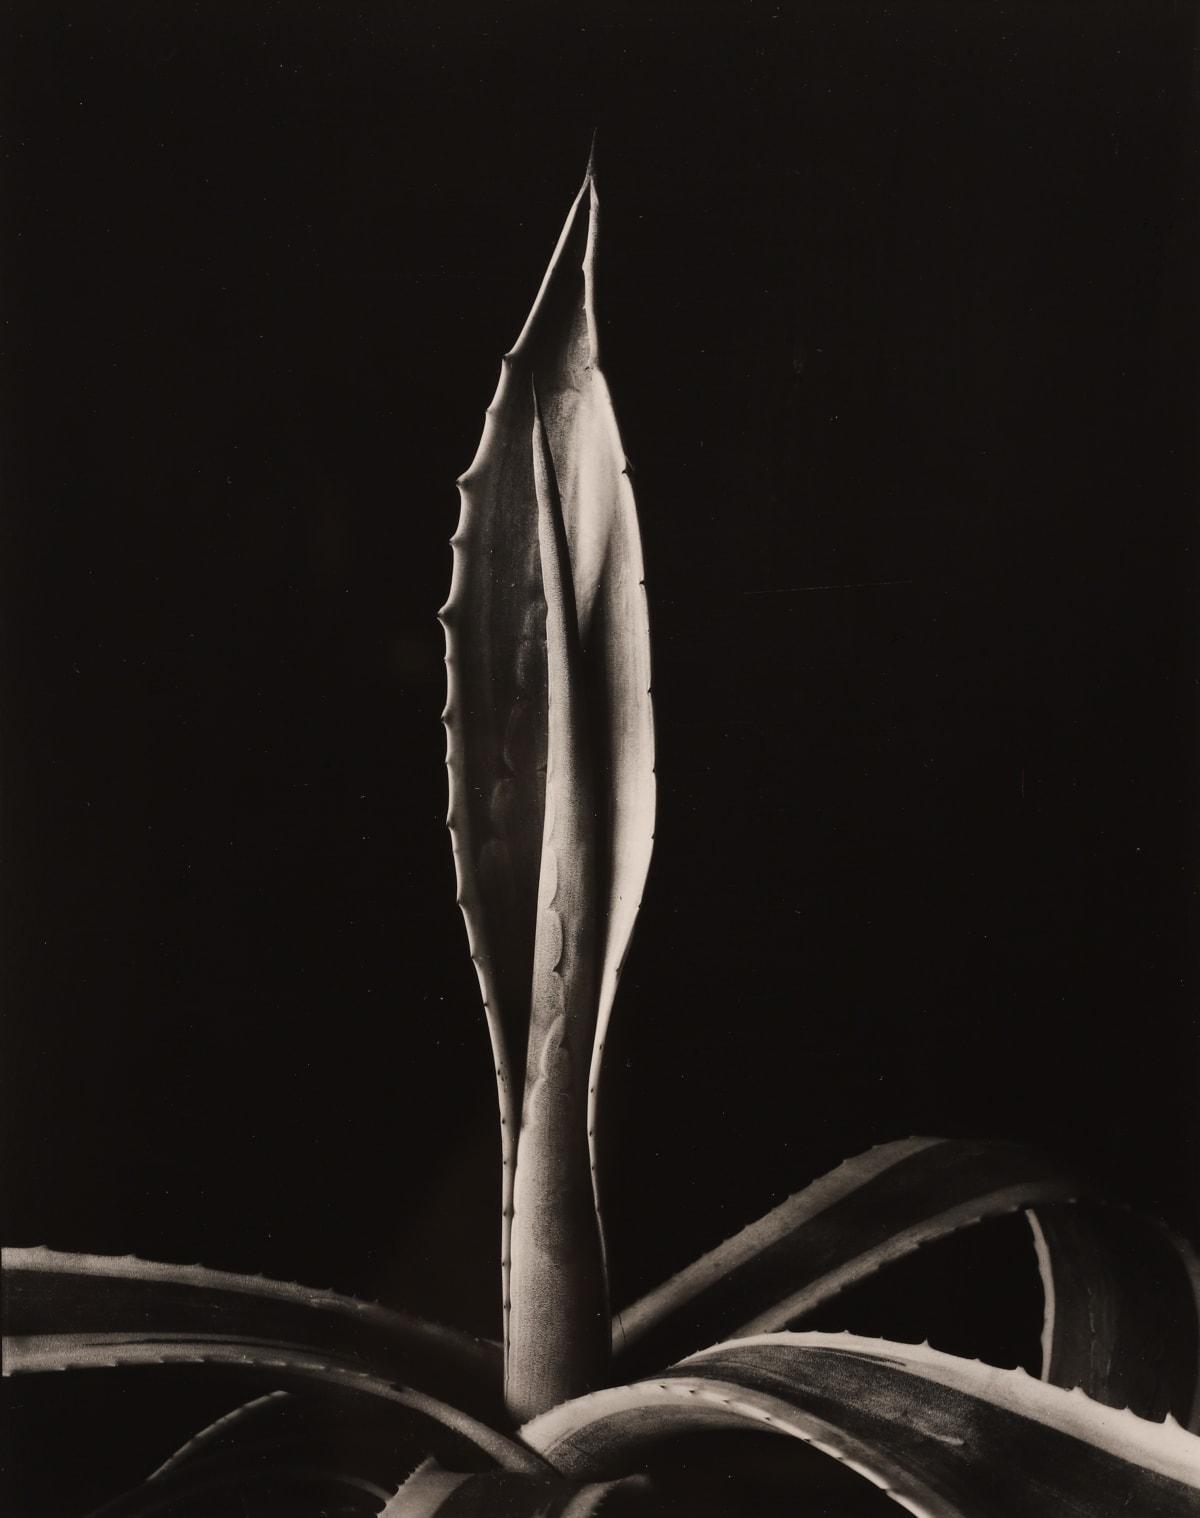 Imogen Cunningham, Agave Americanus, 1920